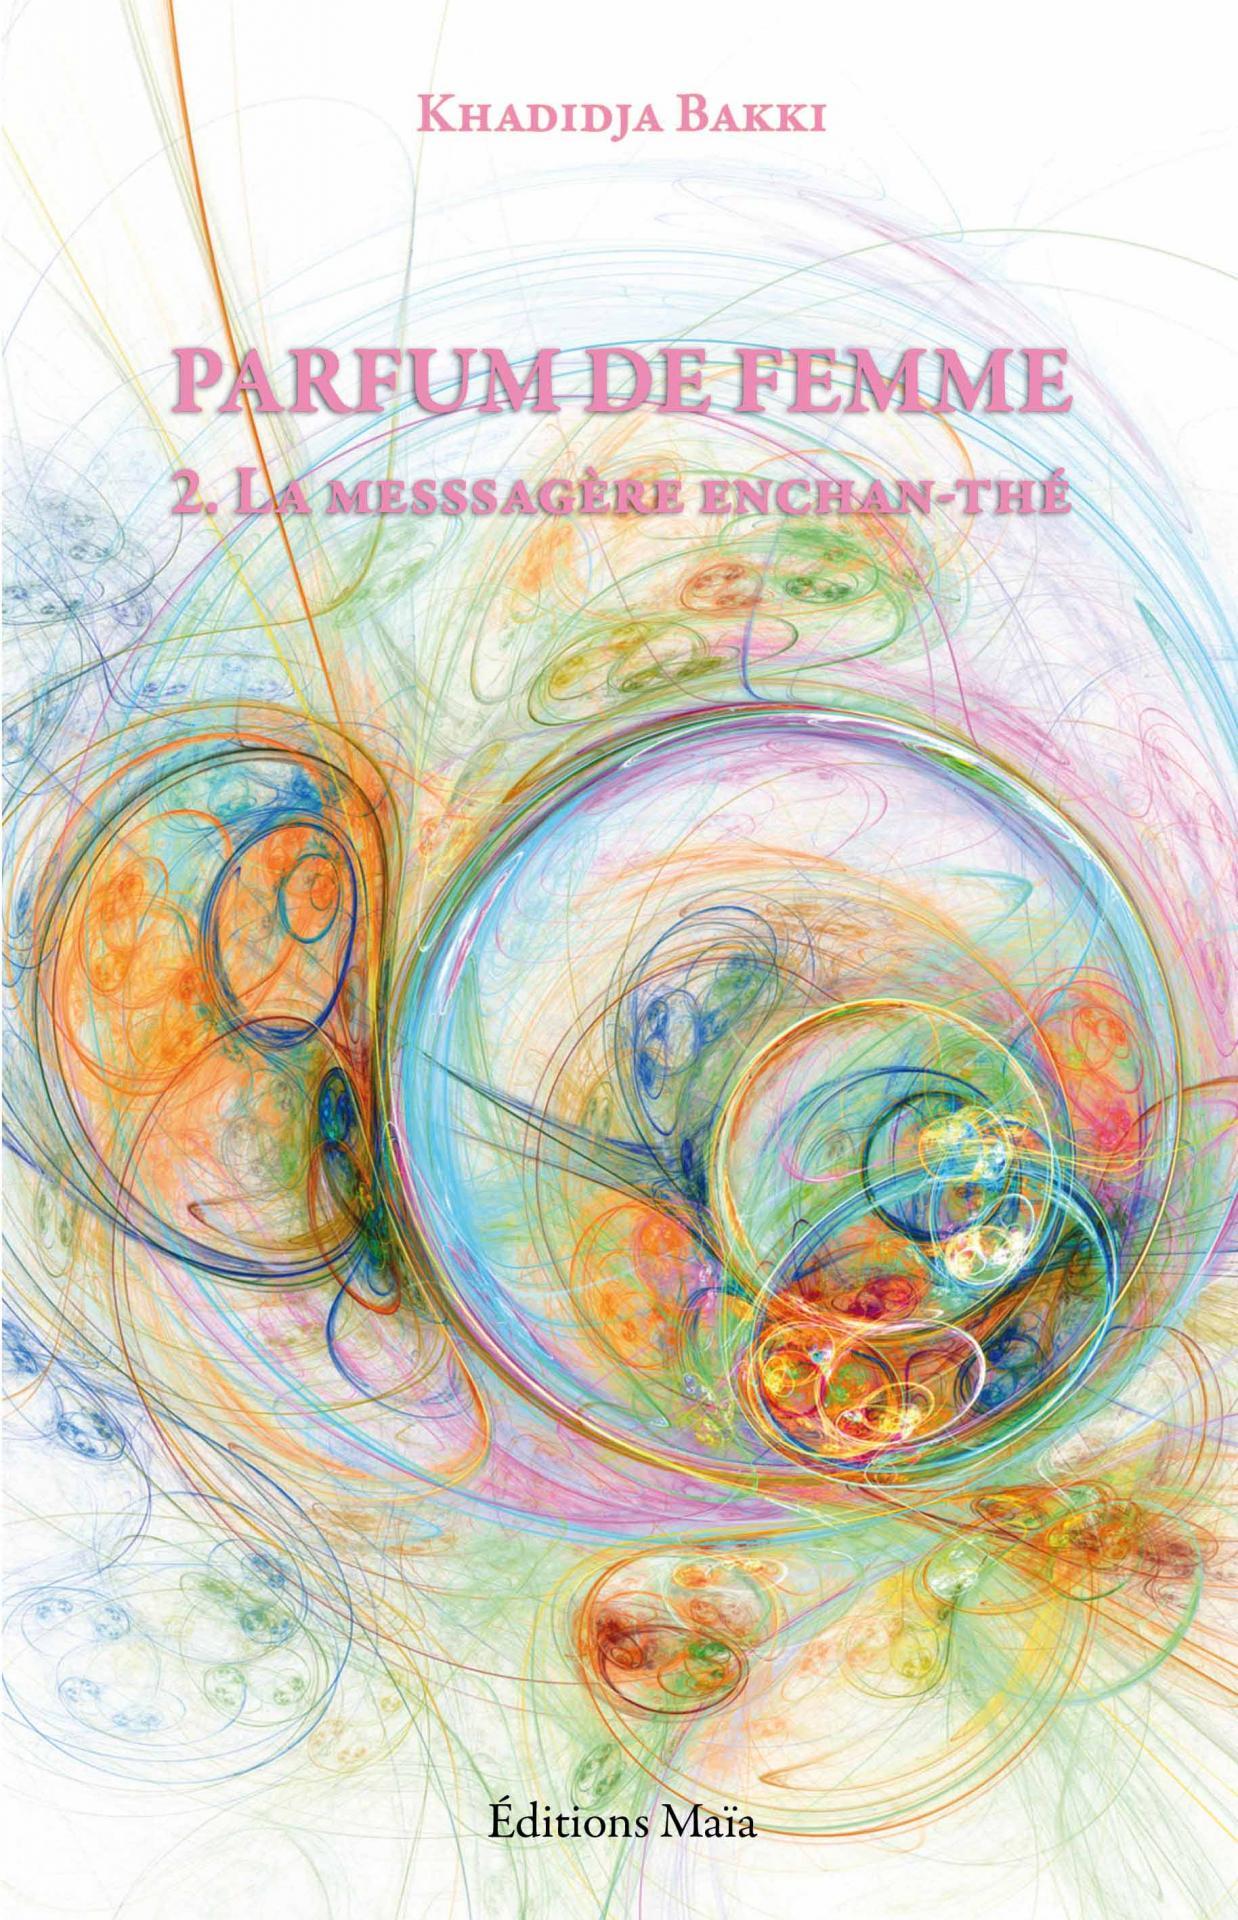 Ouv parfum de femme 1